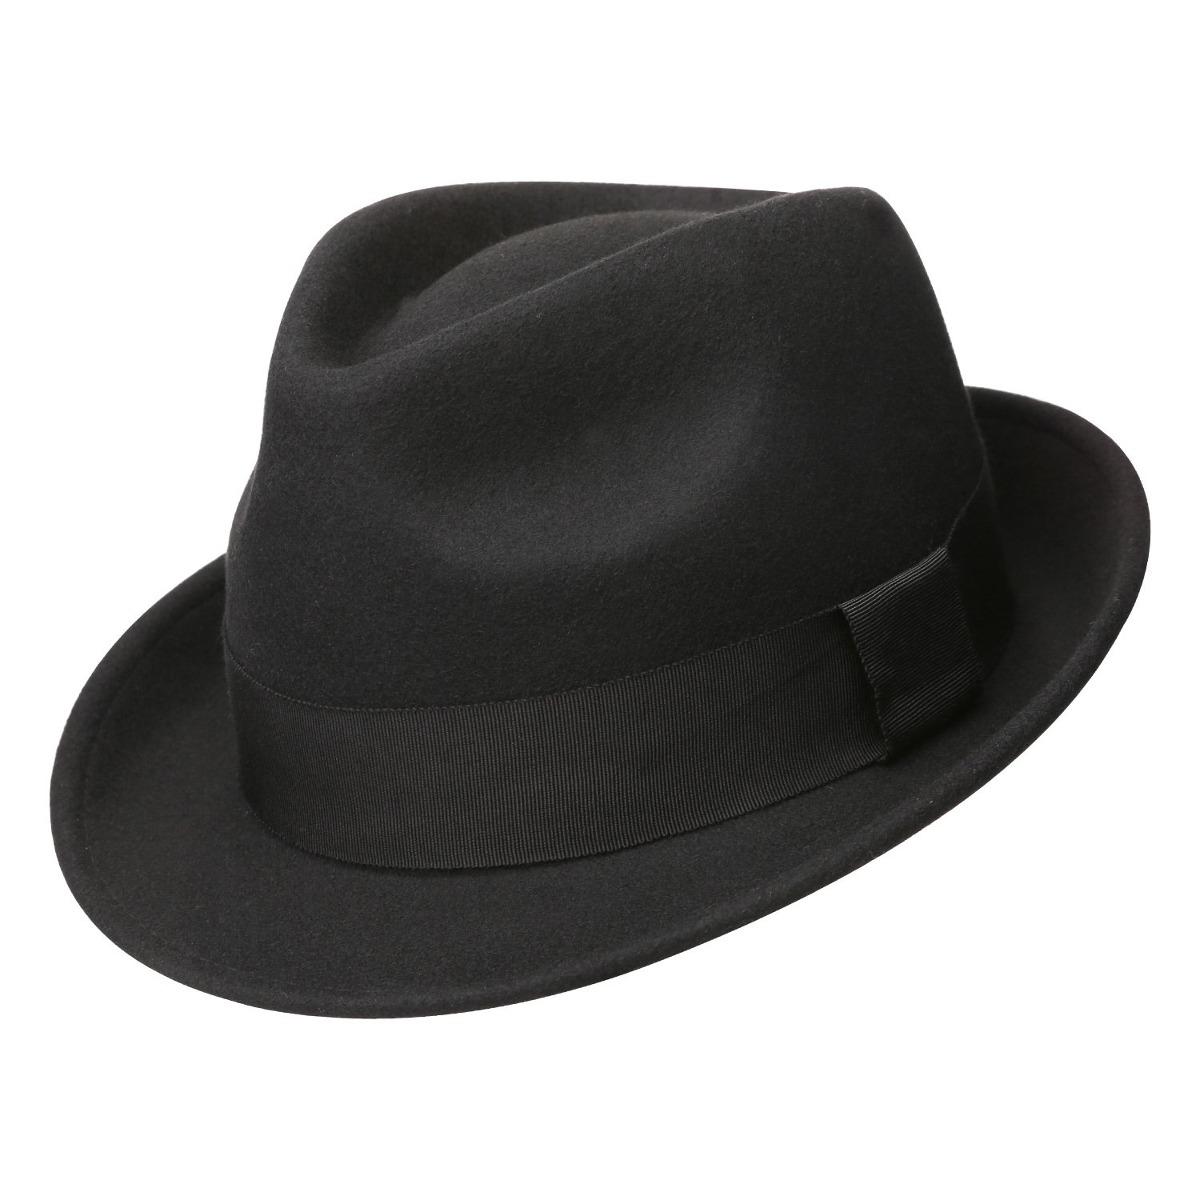 Sedancasesa Sombrero Fedora Fedora Para Hombre Sombreros. - U S 67 ... 6797d73cf7af